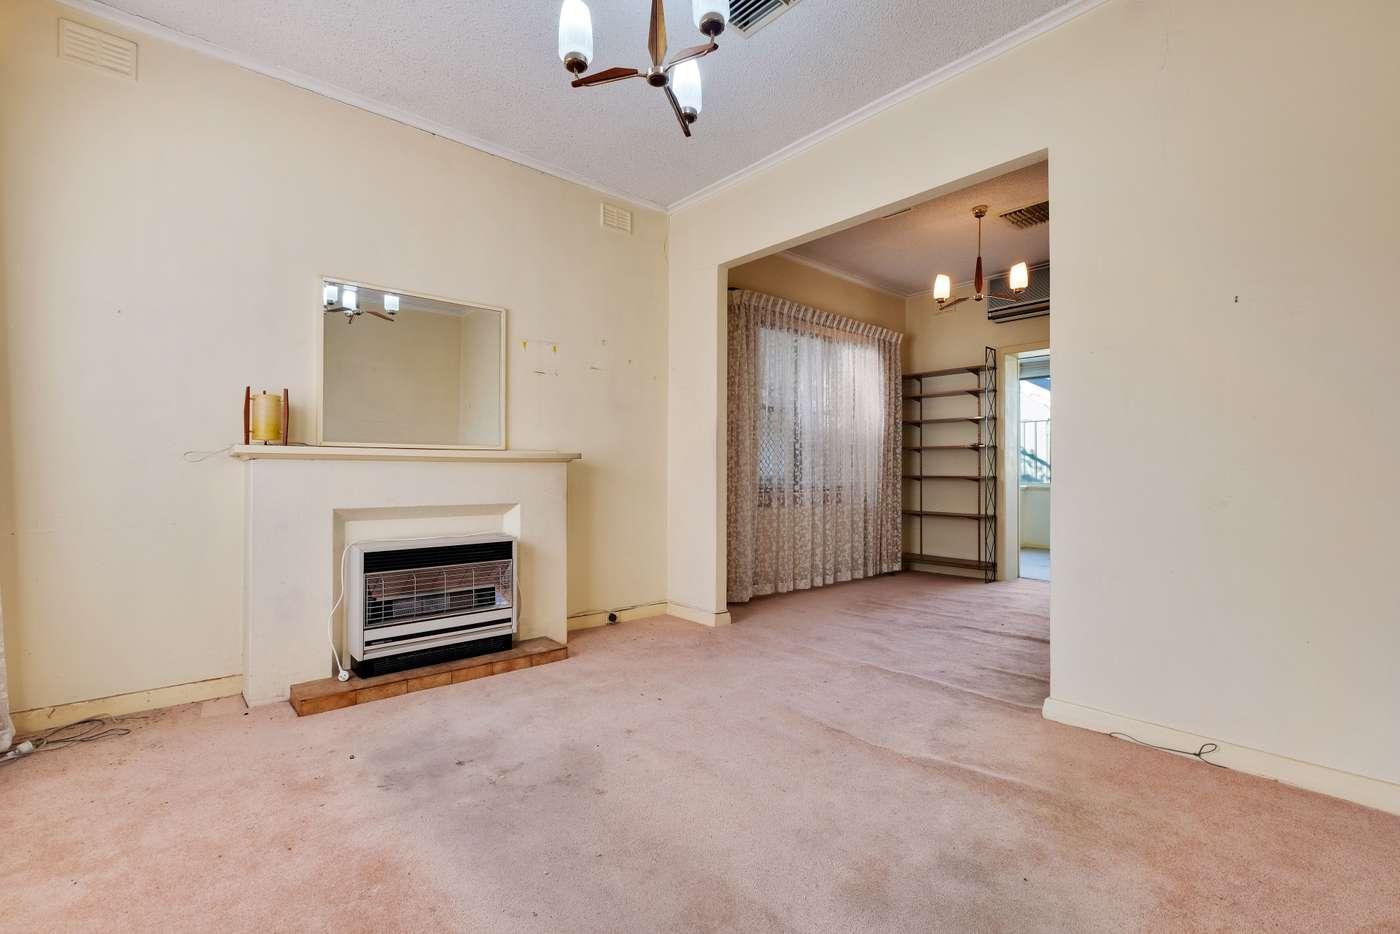 Fifth view of Homely house listing, 26 Nyonga Avenue, Croydon Park SA 5008